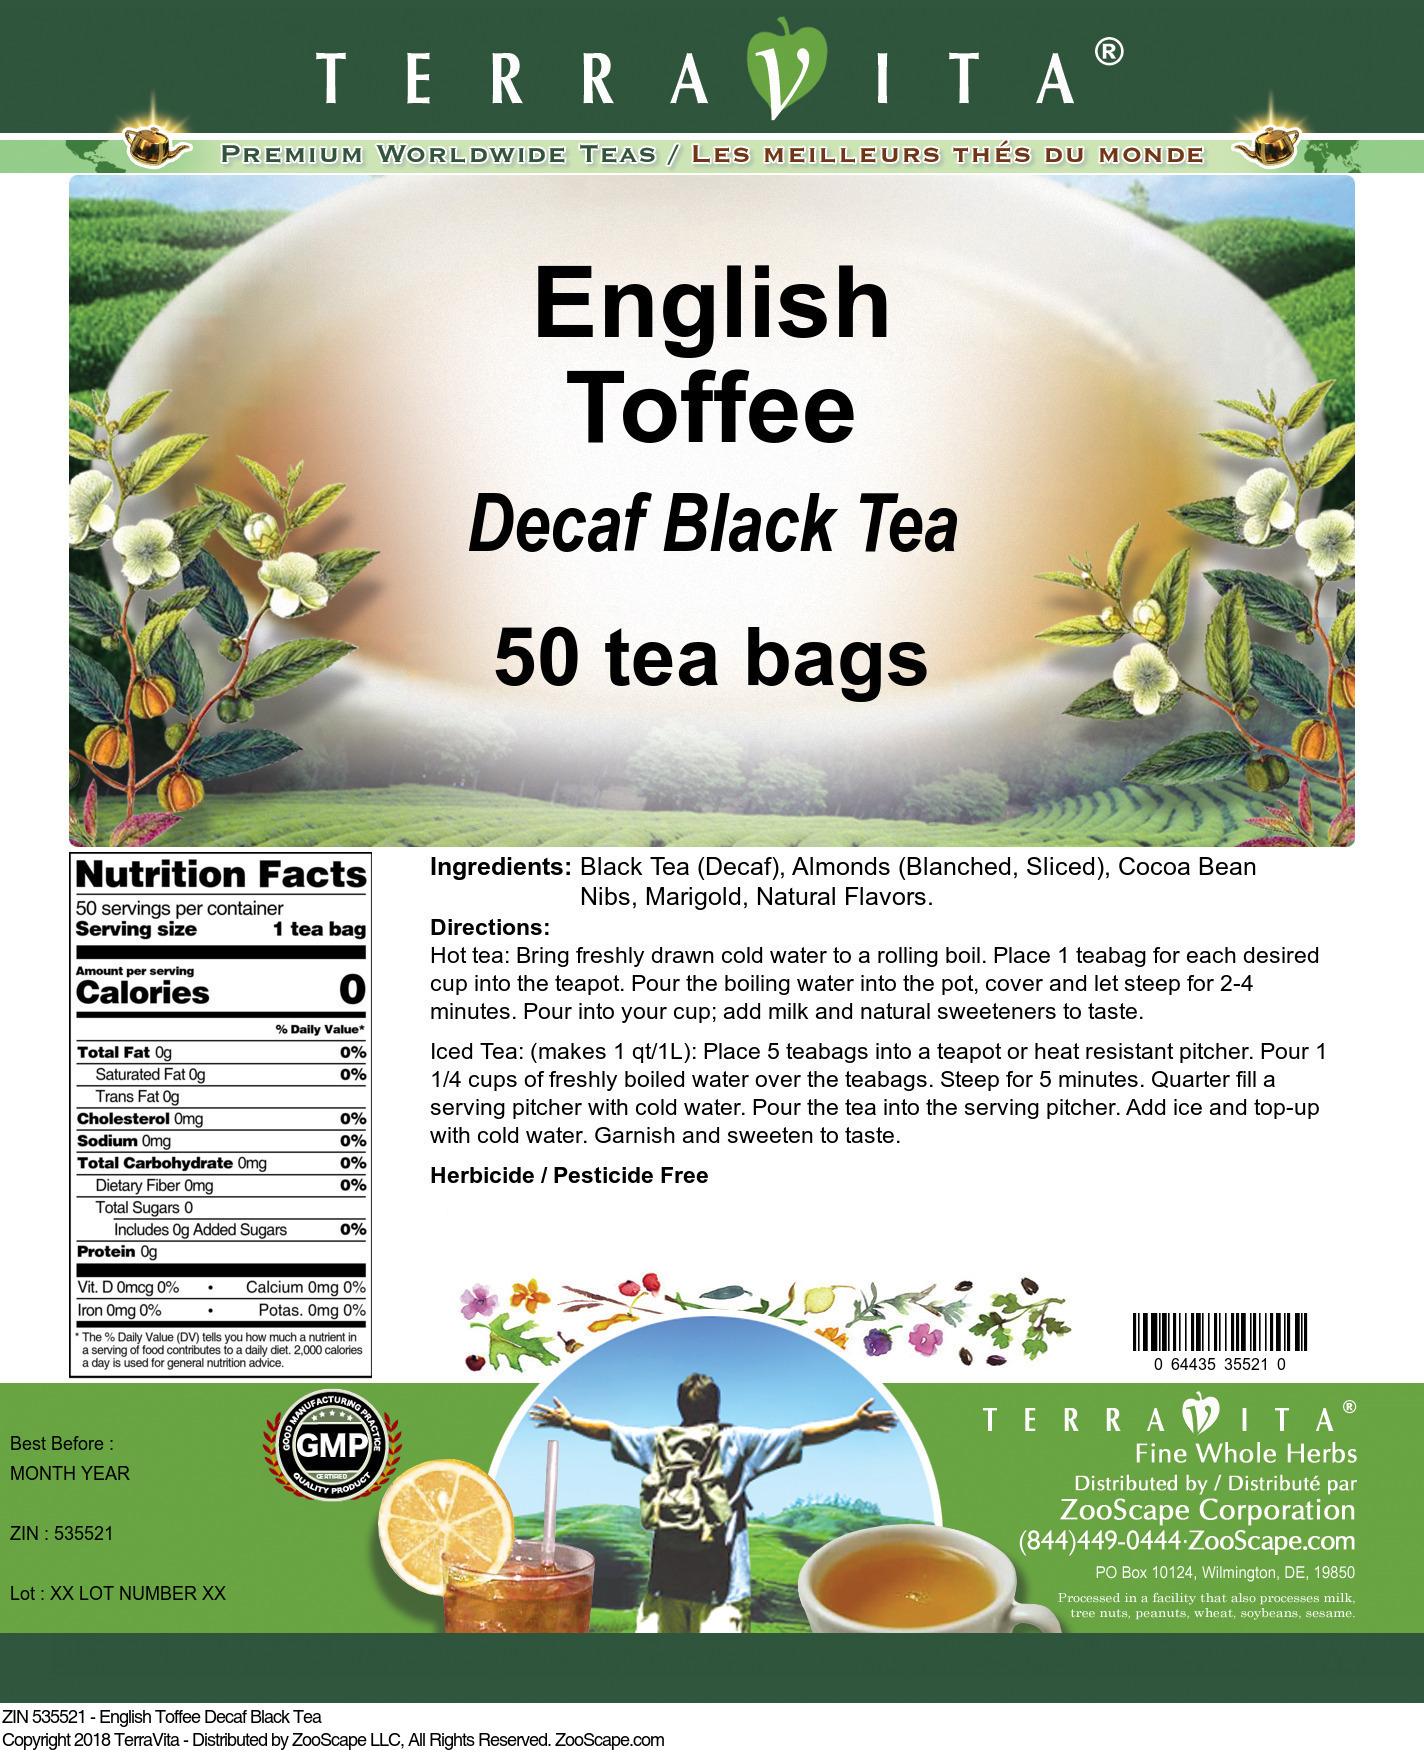 English Toffee Decaf Black Tea